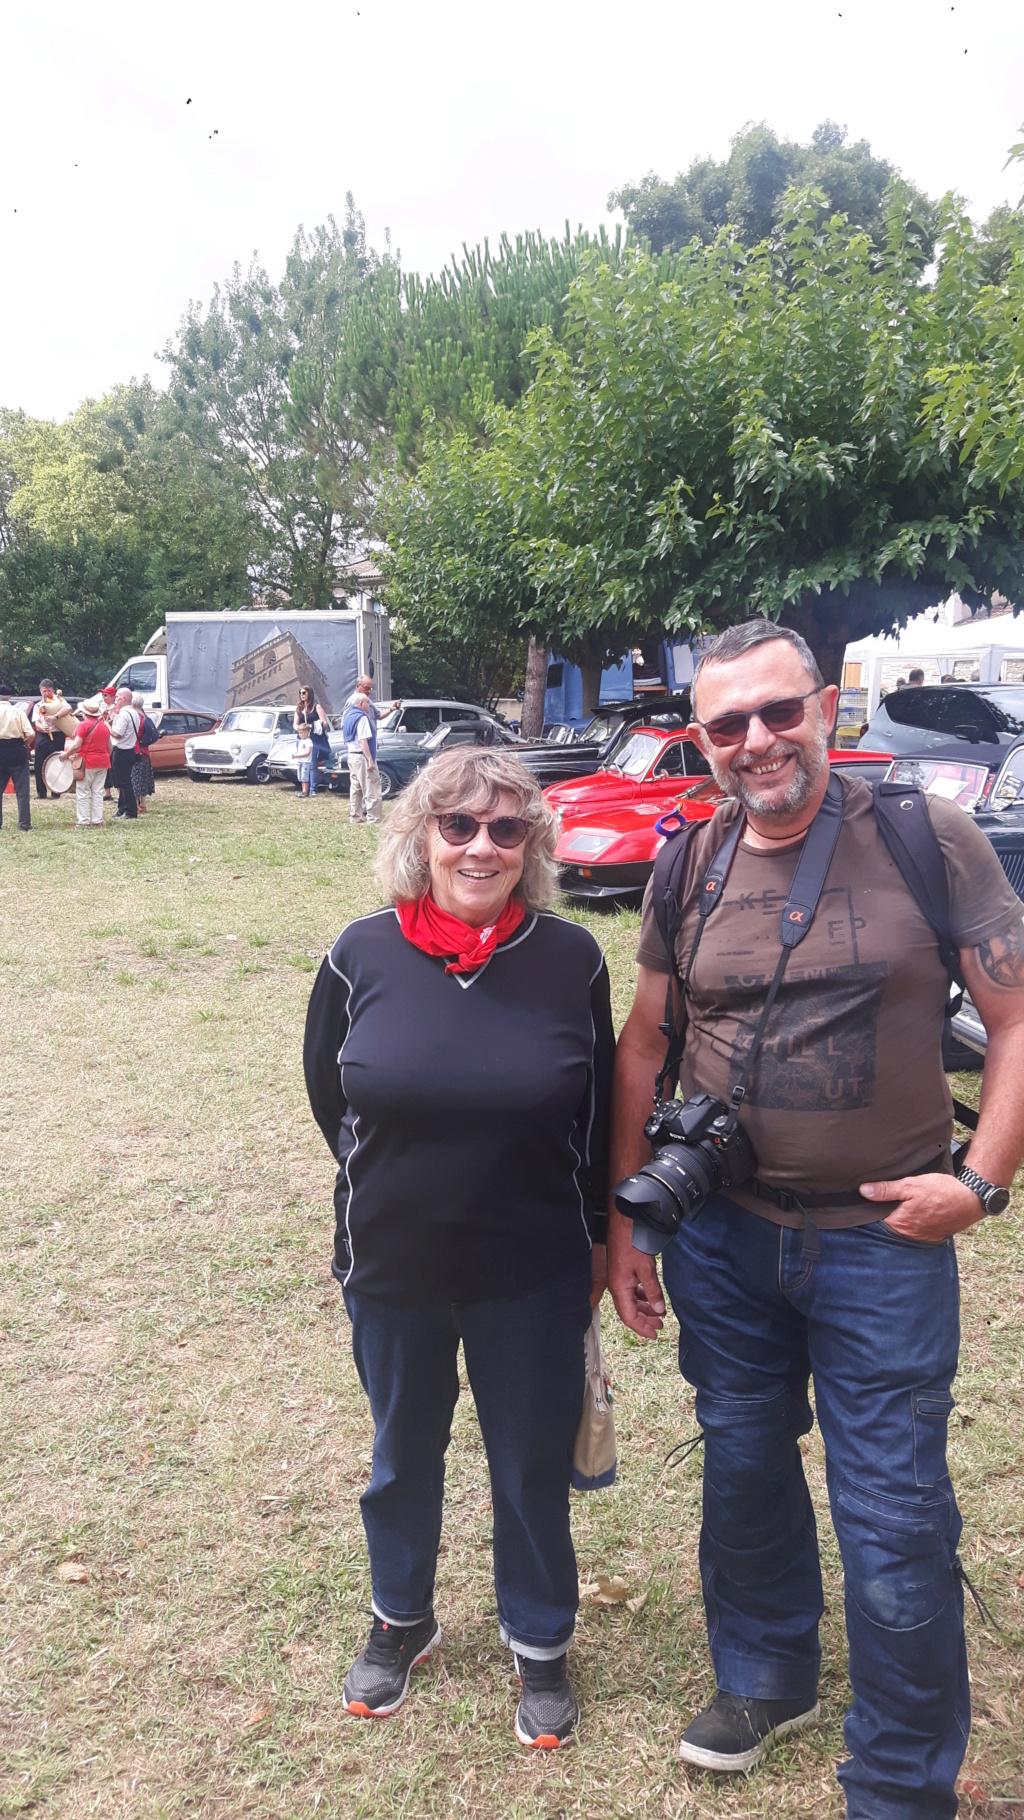 Occitanie - 15 Août - Vielmur: Passions d'Antan 20190840